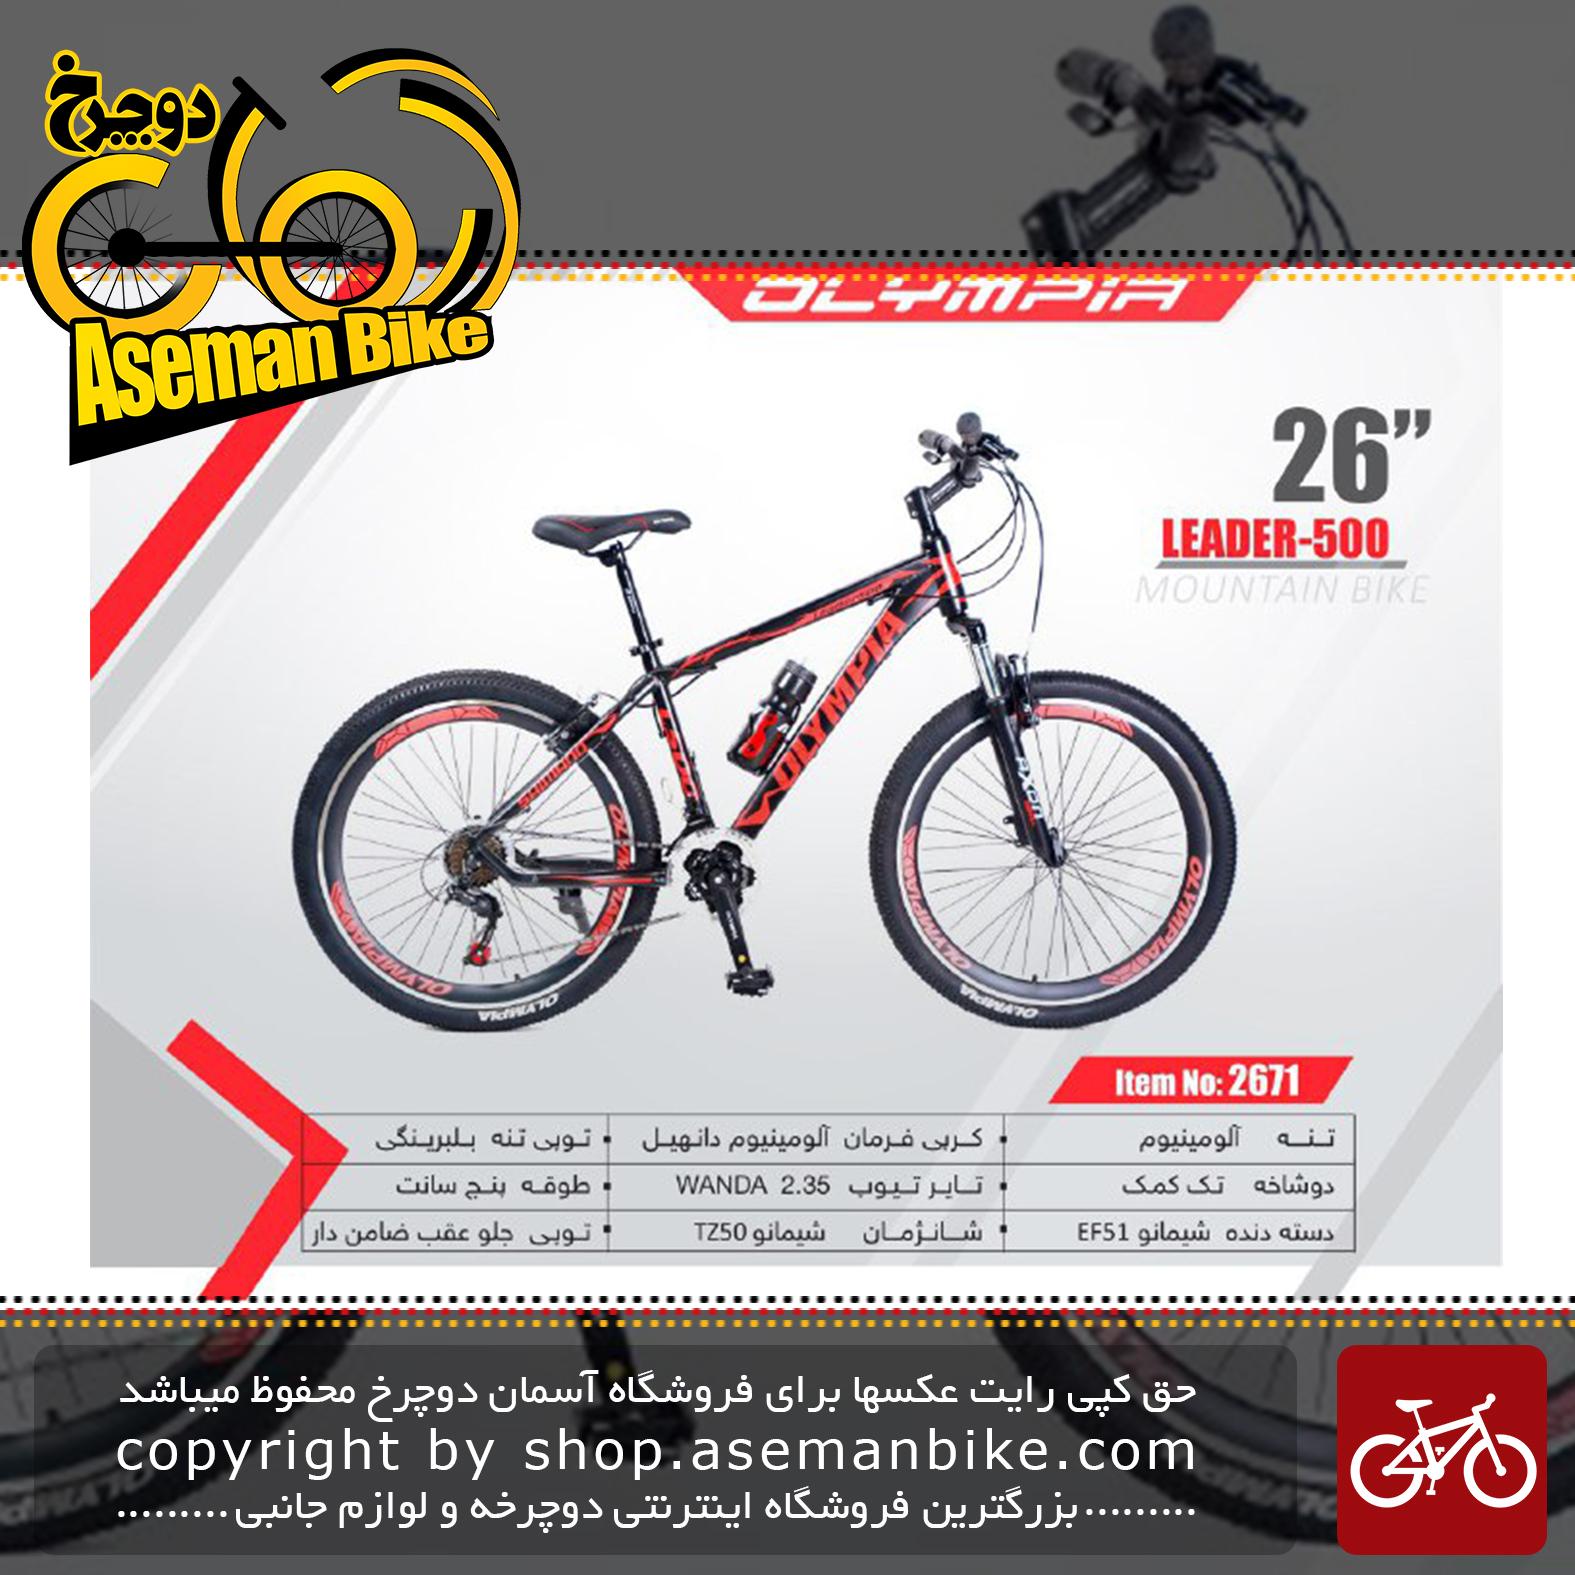 دوچرخه کوهستان المپیا سایز 26مدل لیدر 500 OLYMPIA SIZE 26 LEADER 500